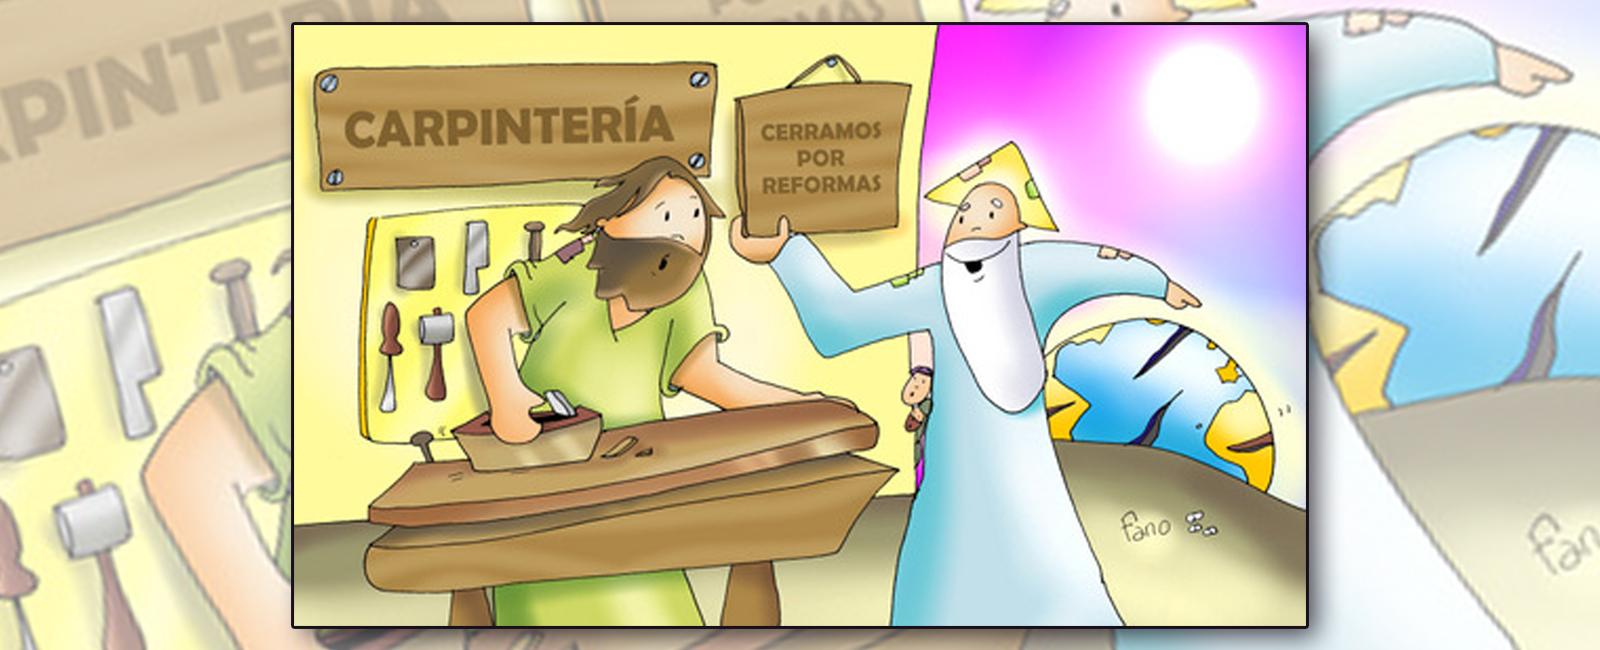 Parroquia El Altet - Evangelio 8 de Julio